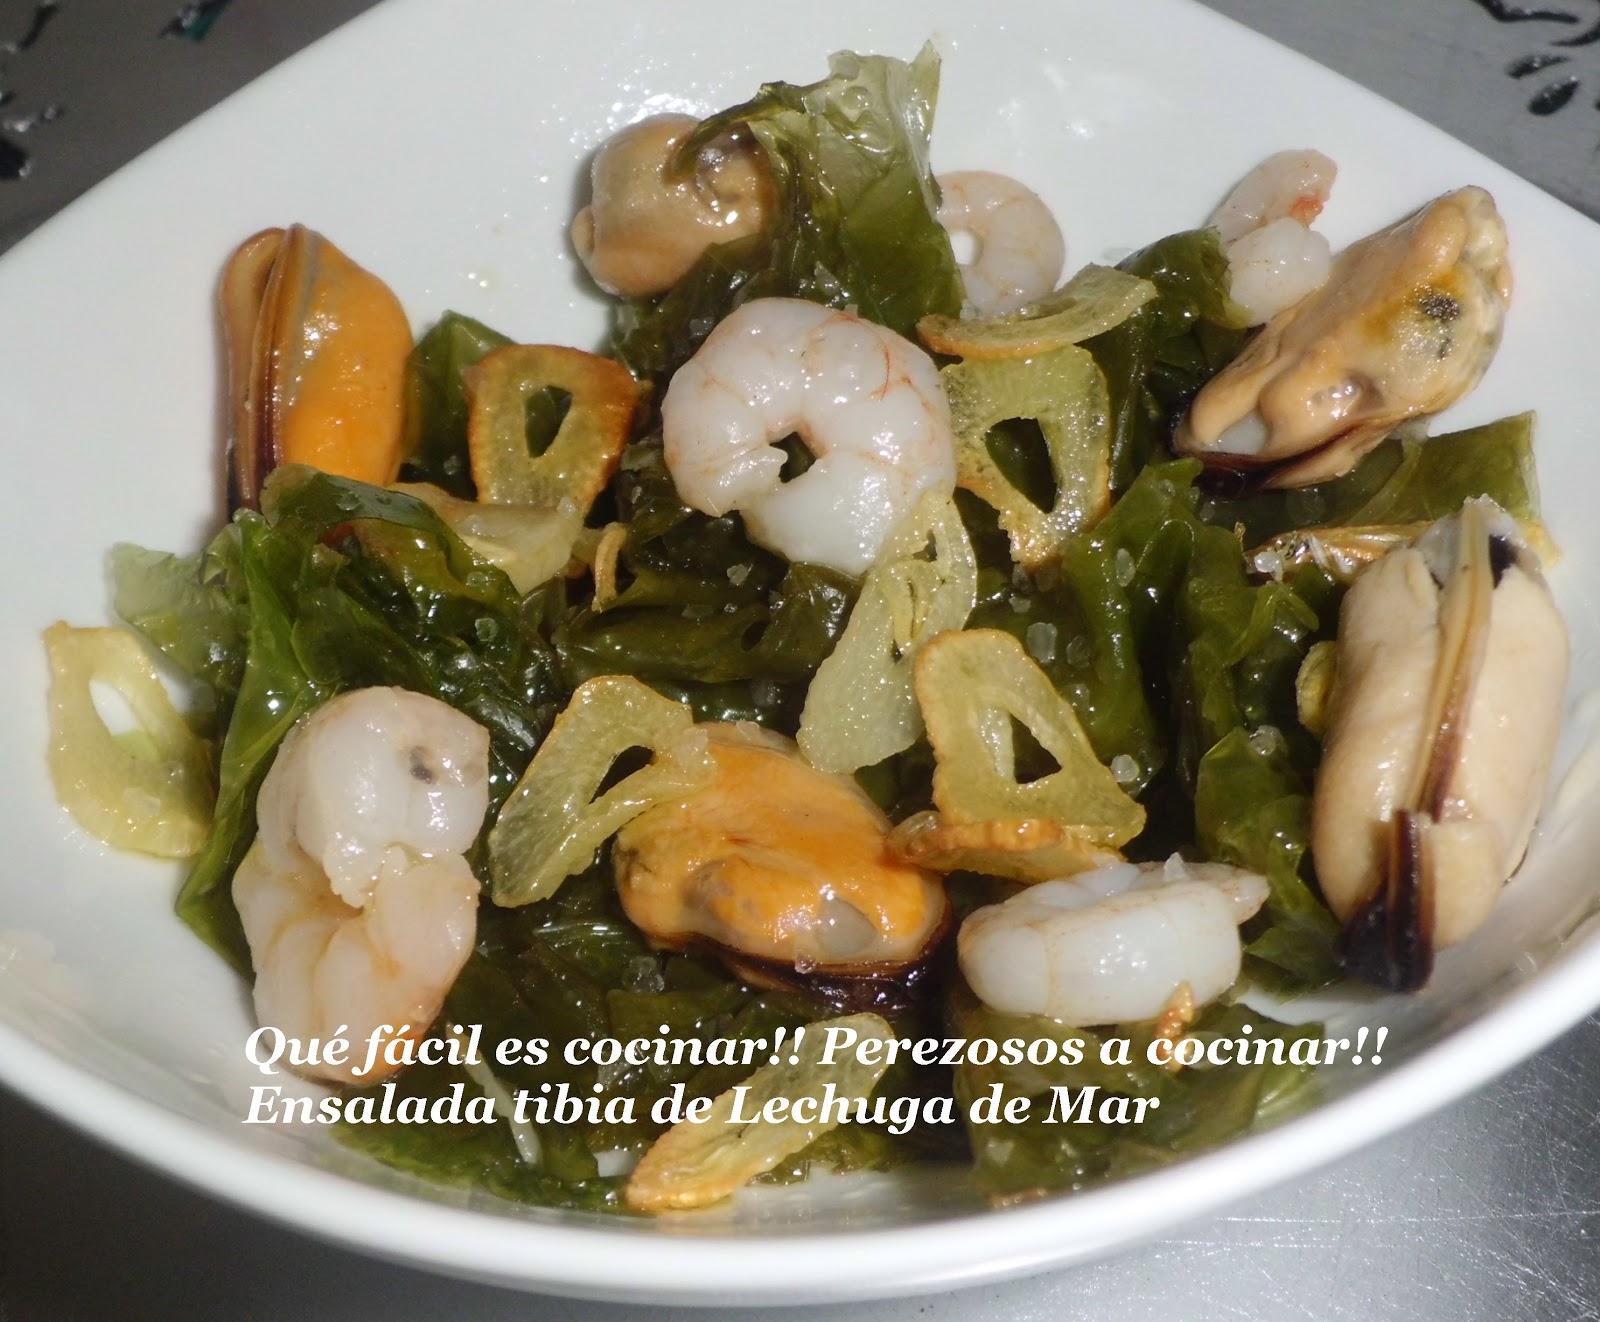 Perezosos a cocinar ensalada tibia de lechuga de mar Cocinar ortigas de mar